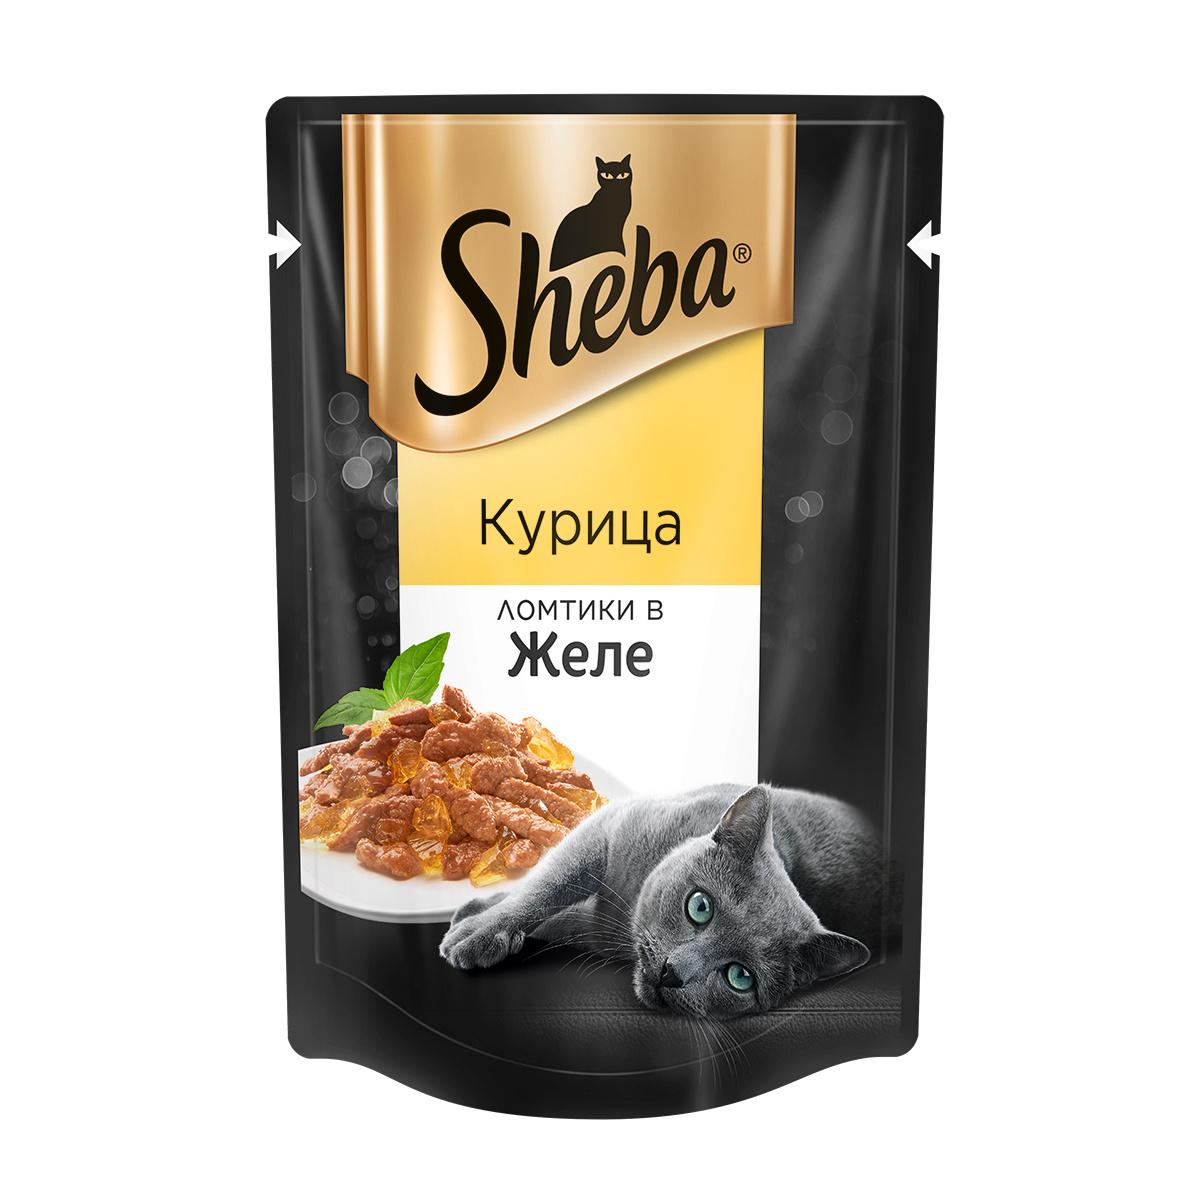 Миниатюра Влажный корм для кошек Sheba, ломтики в желе, курица, 85 г №1